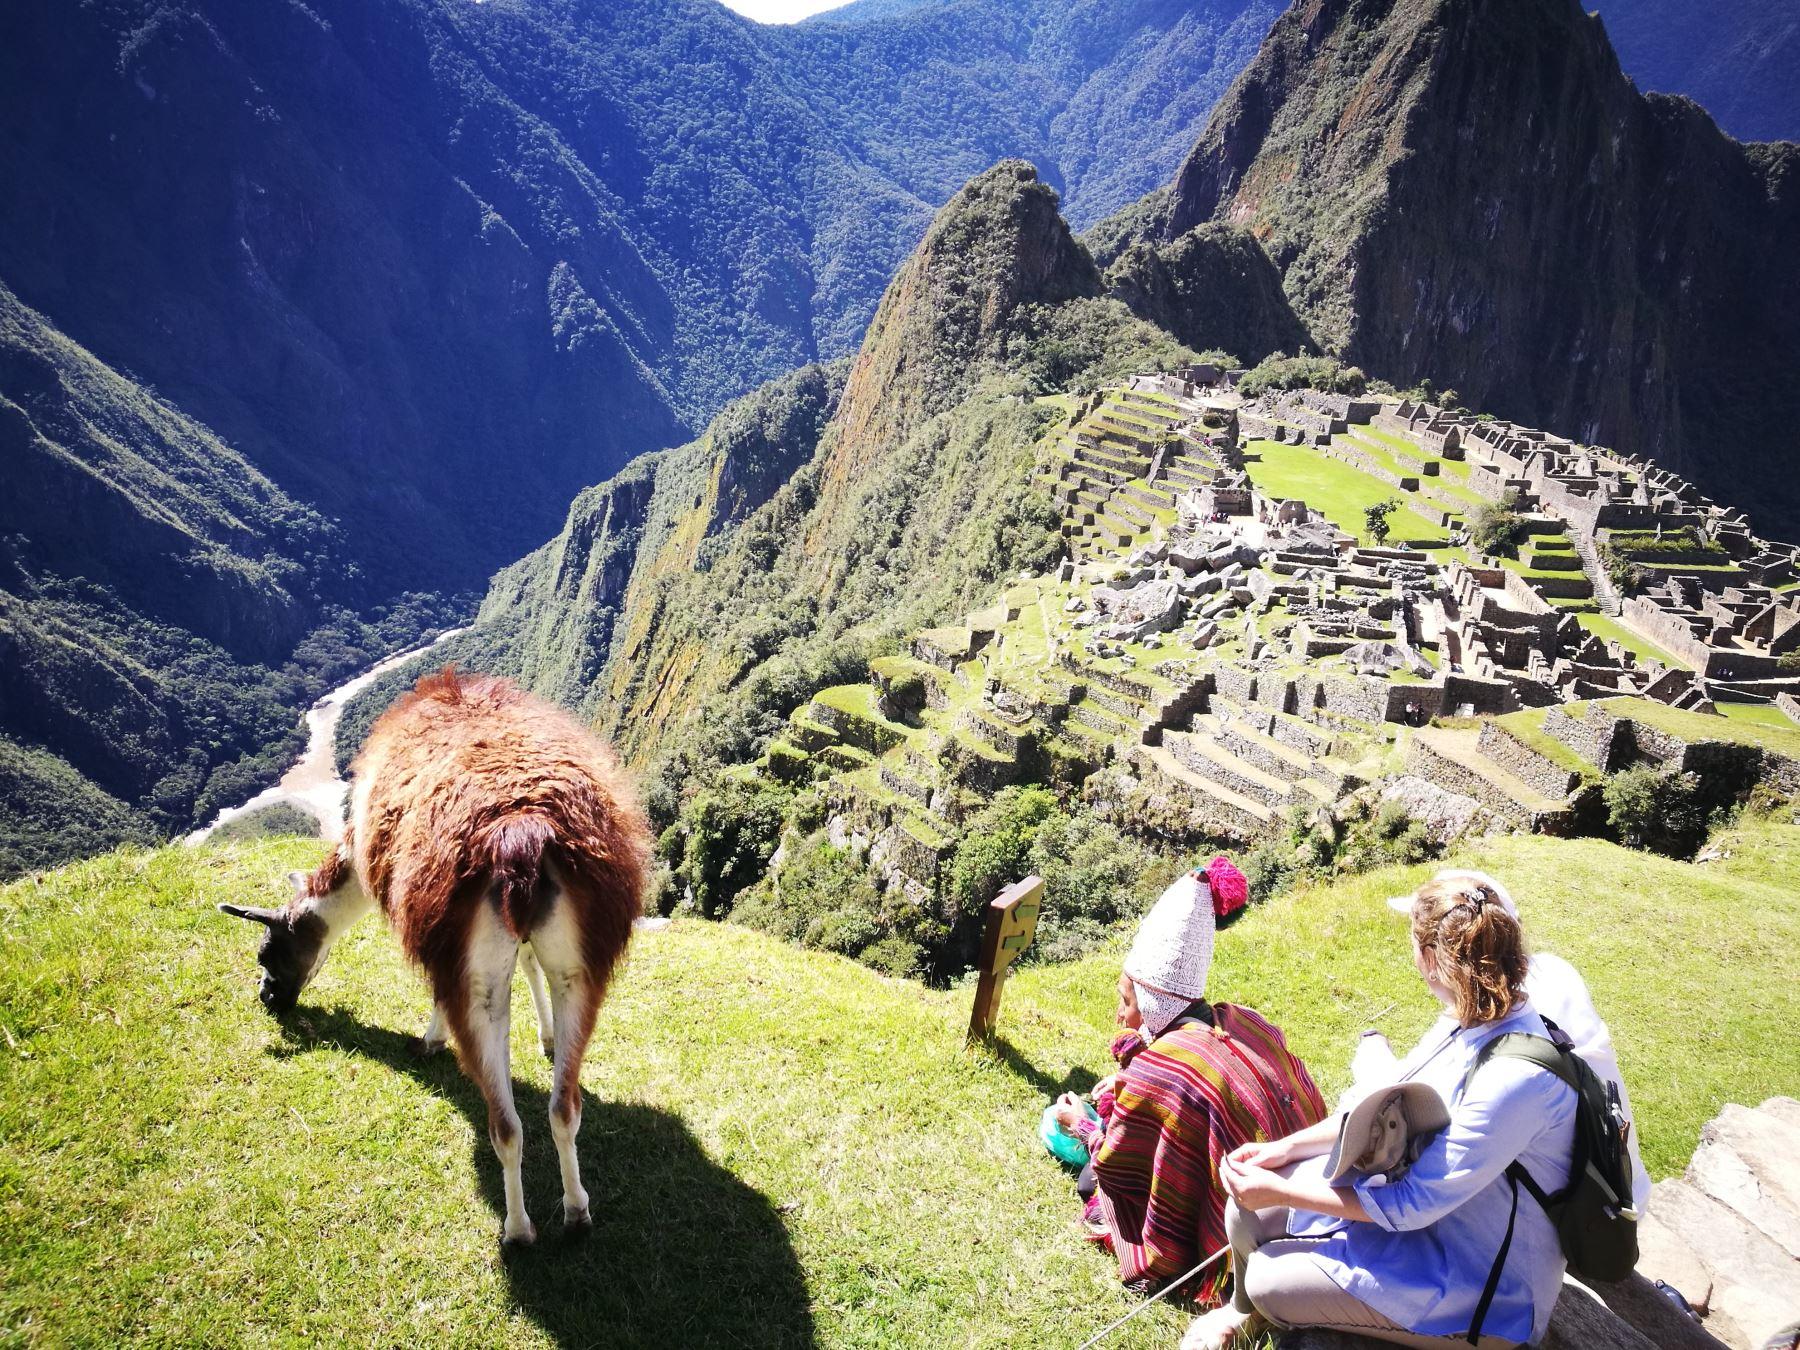 El santuario histórico de Machu Picchu contará con un centro de visitantes, que brindará información relevante sobre esta área protegida, principal atractivo turístico del Perú y Patrimonio Cultural de la Humanidad. Foto: Luis Zuta Dávila.